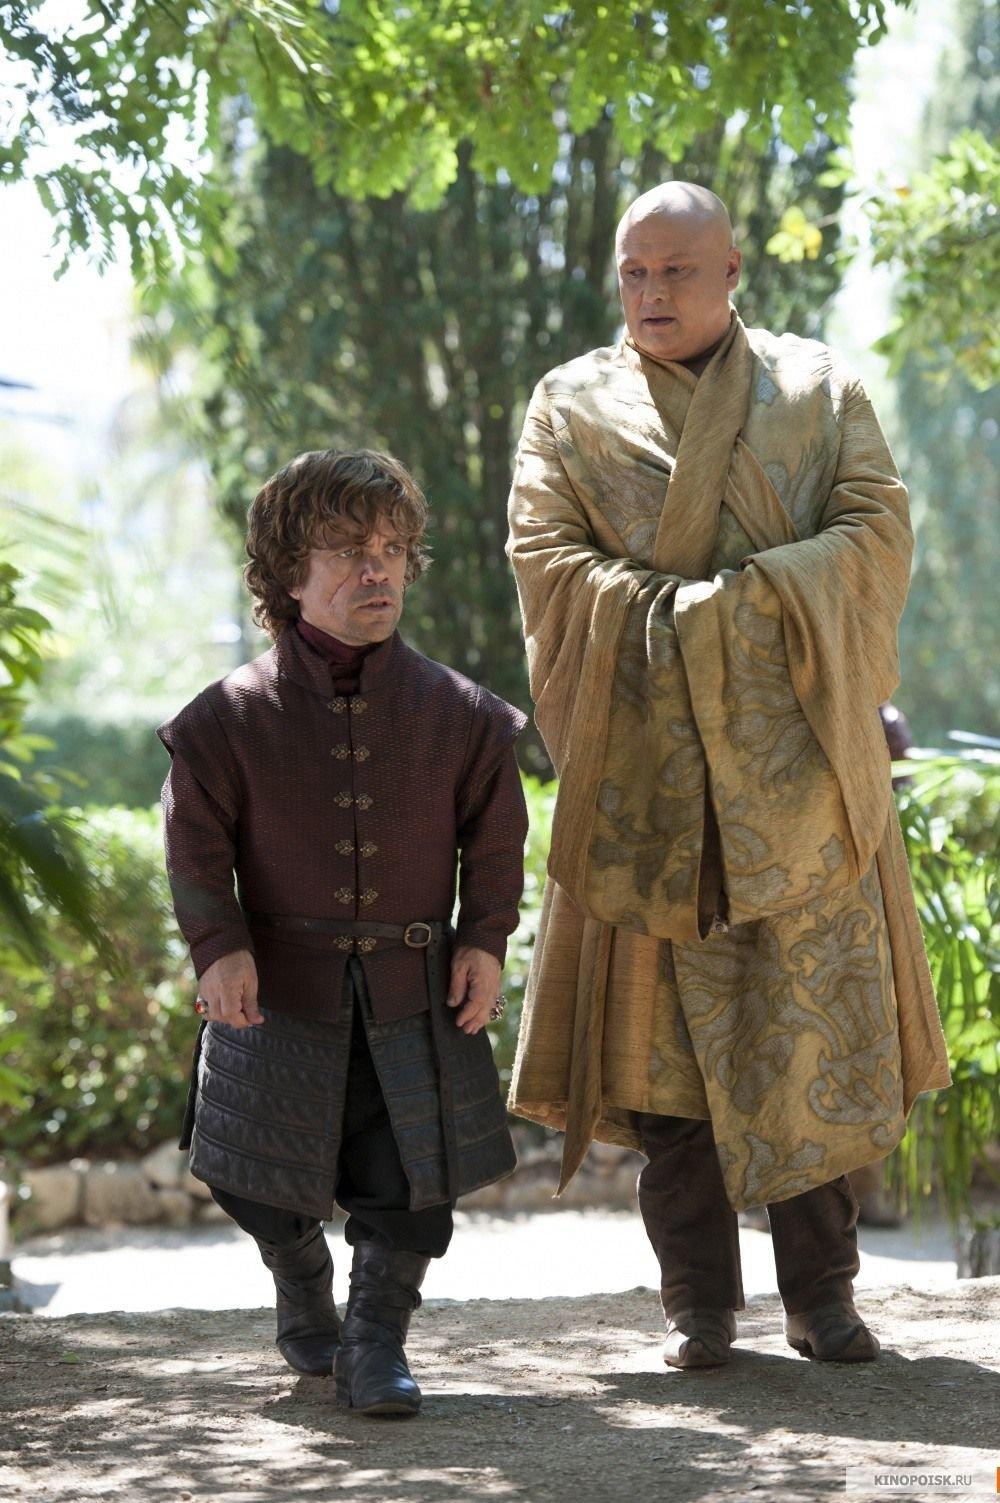 Игра престолов: Кадры   1 | картинка Game of Thrones 2382428